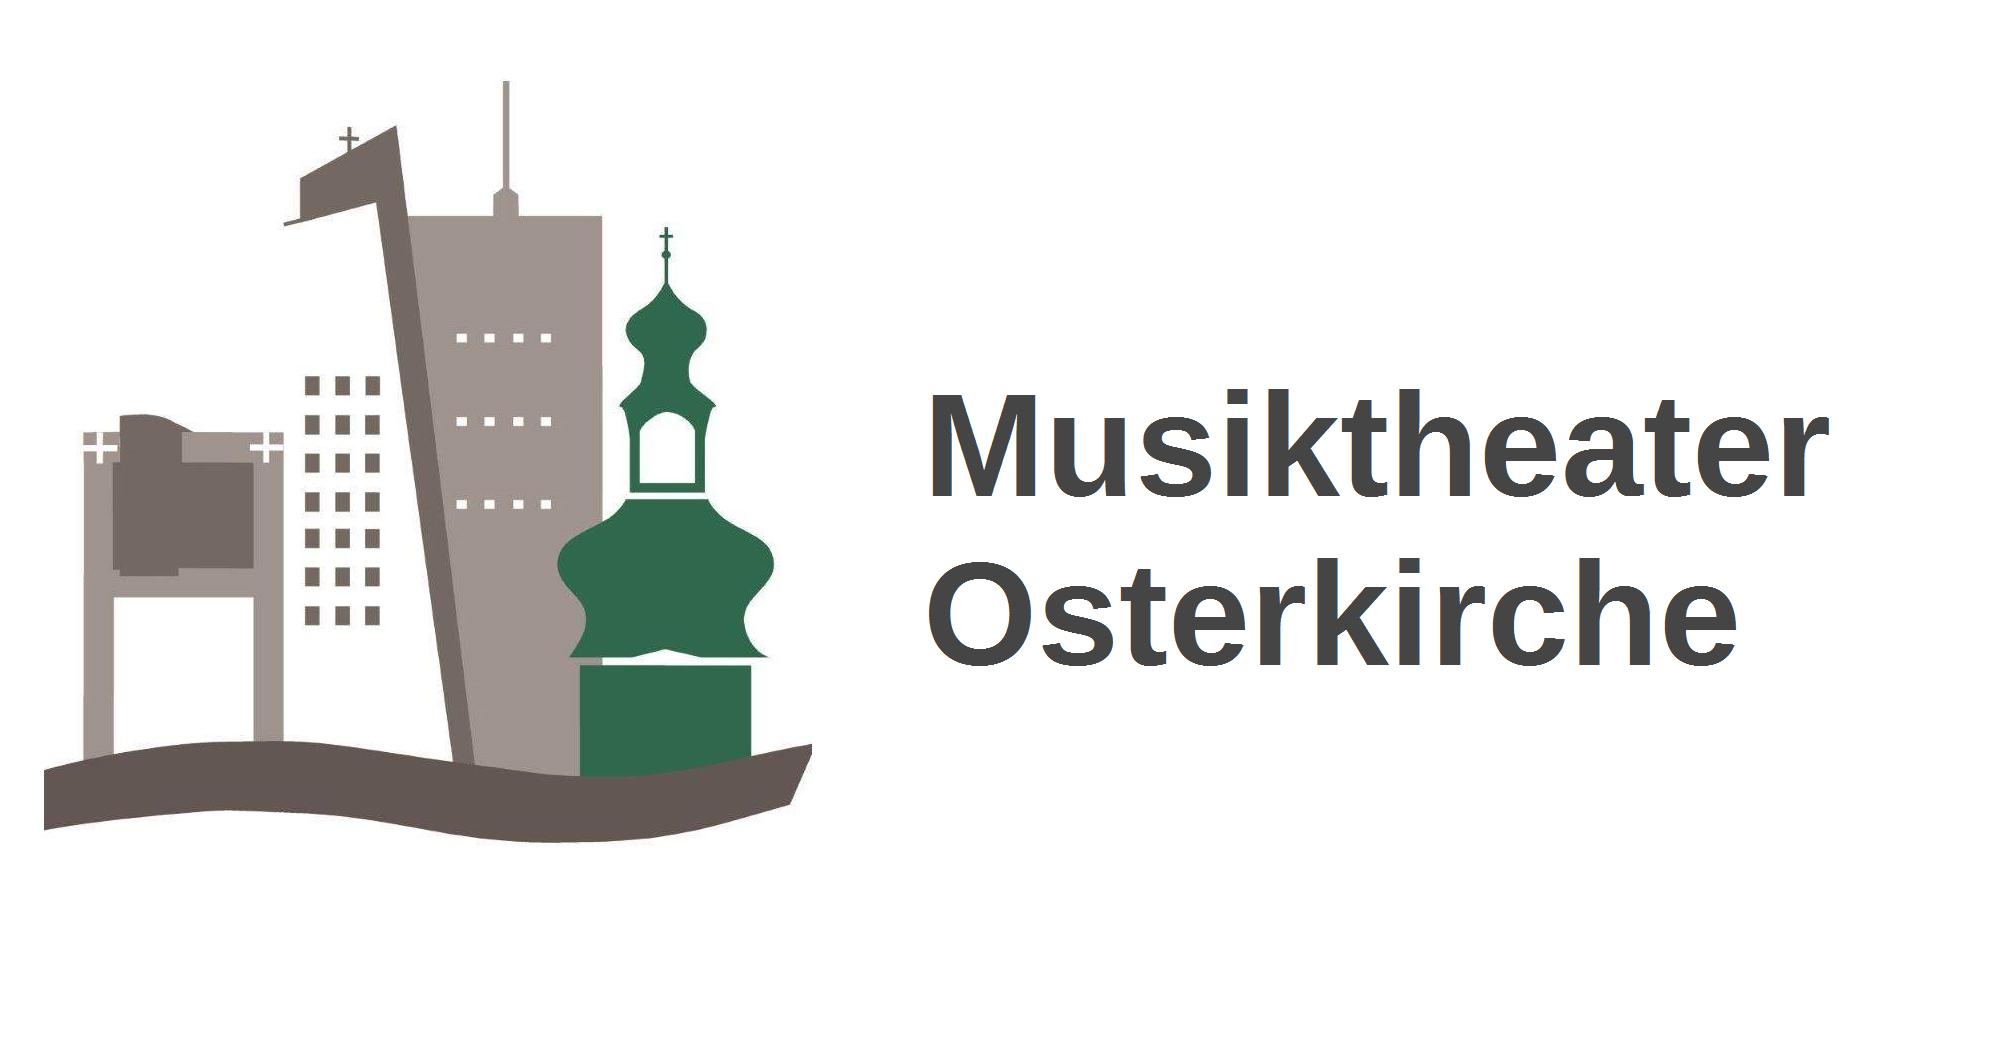 Musiktheater Osterkirche